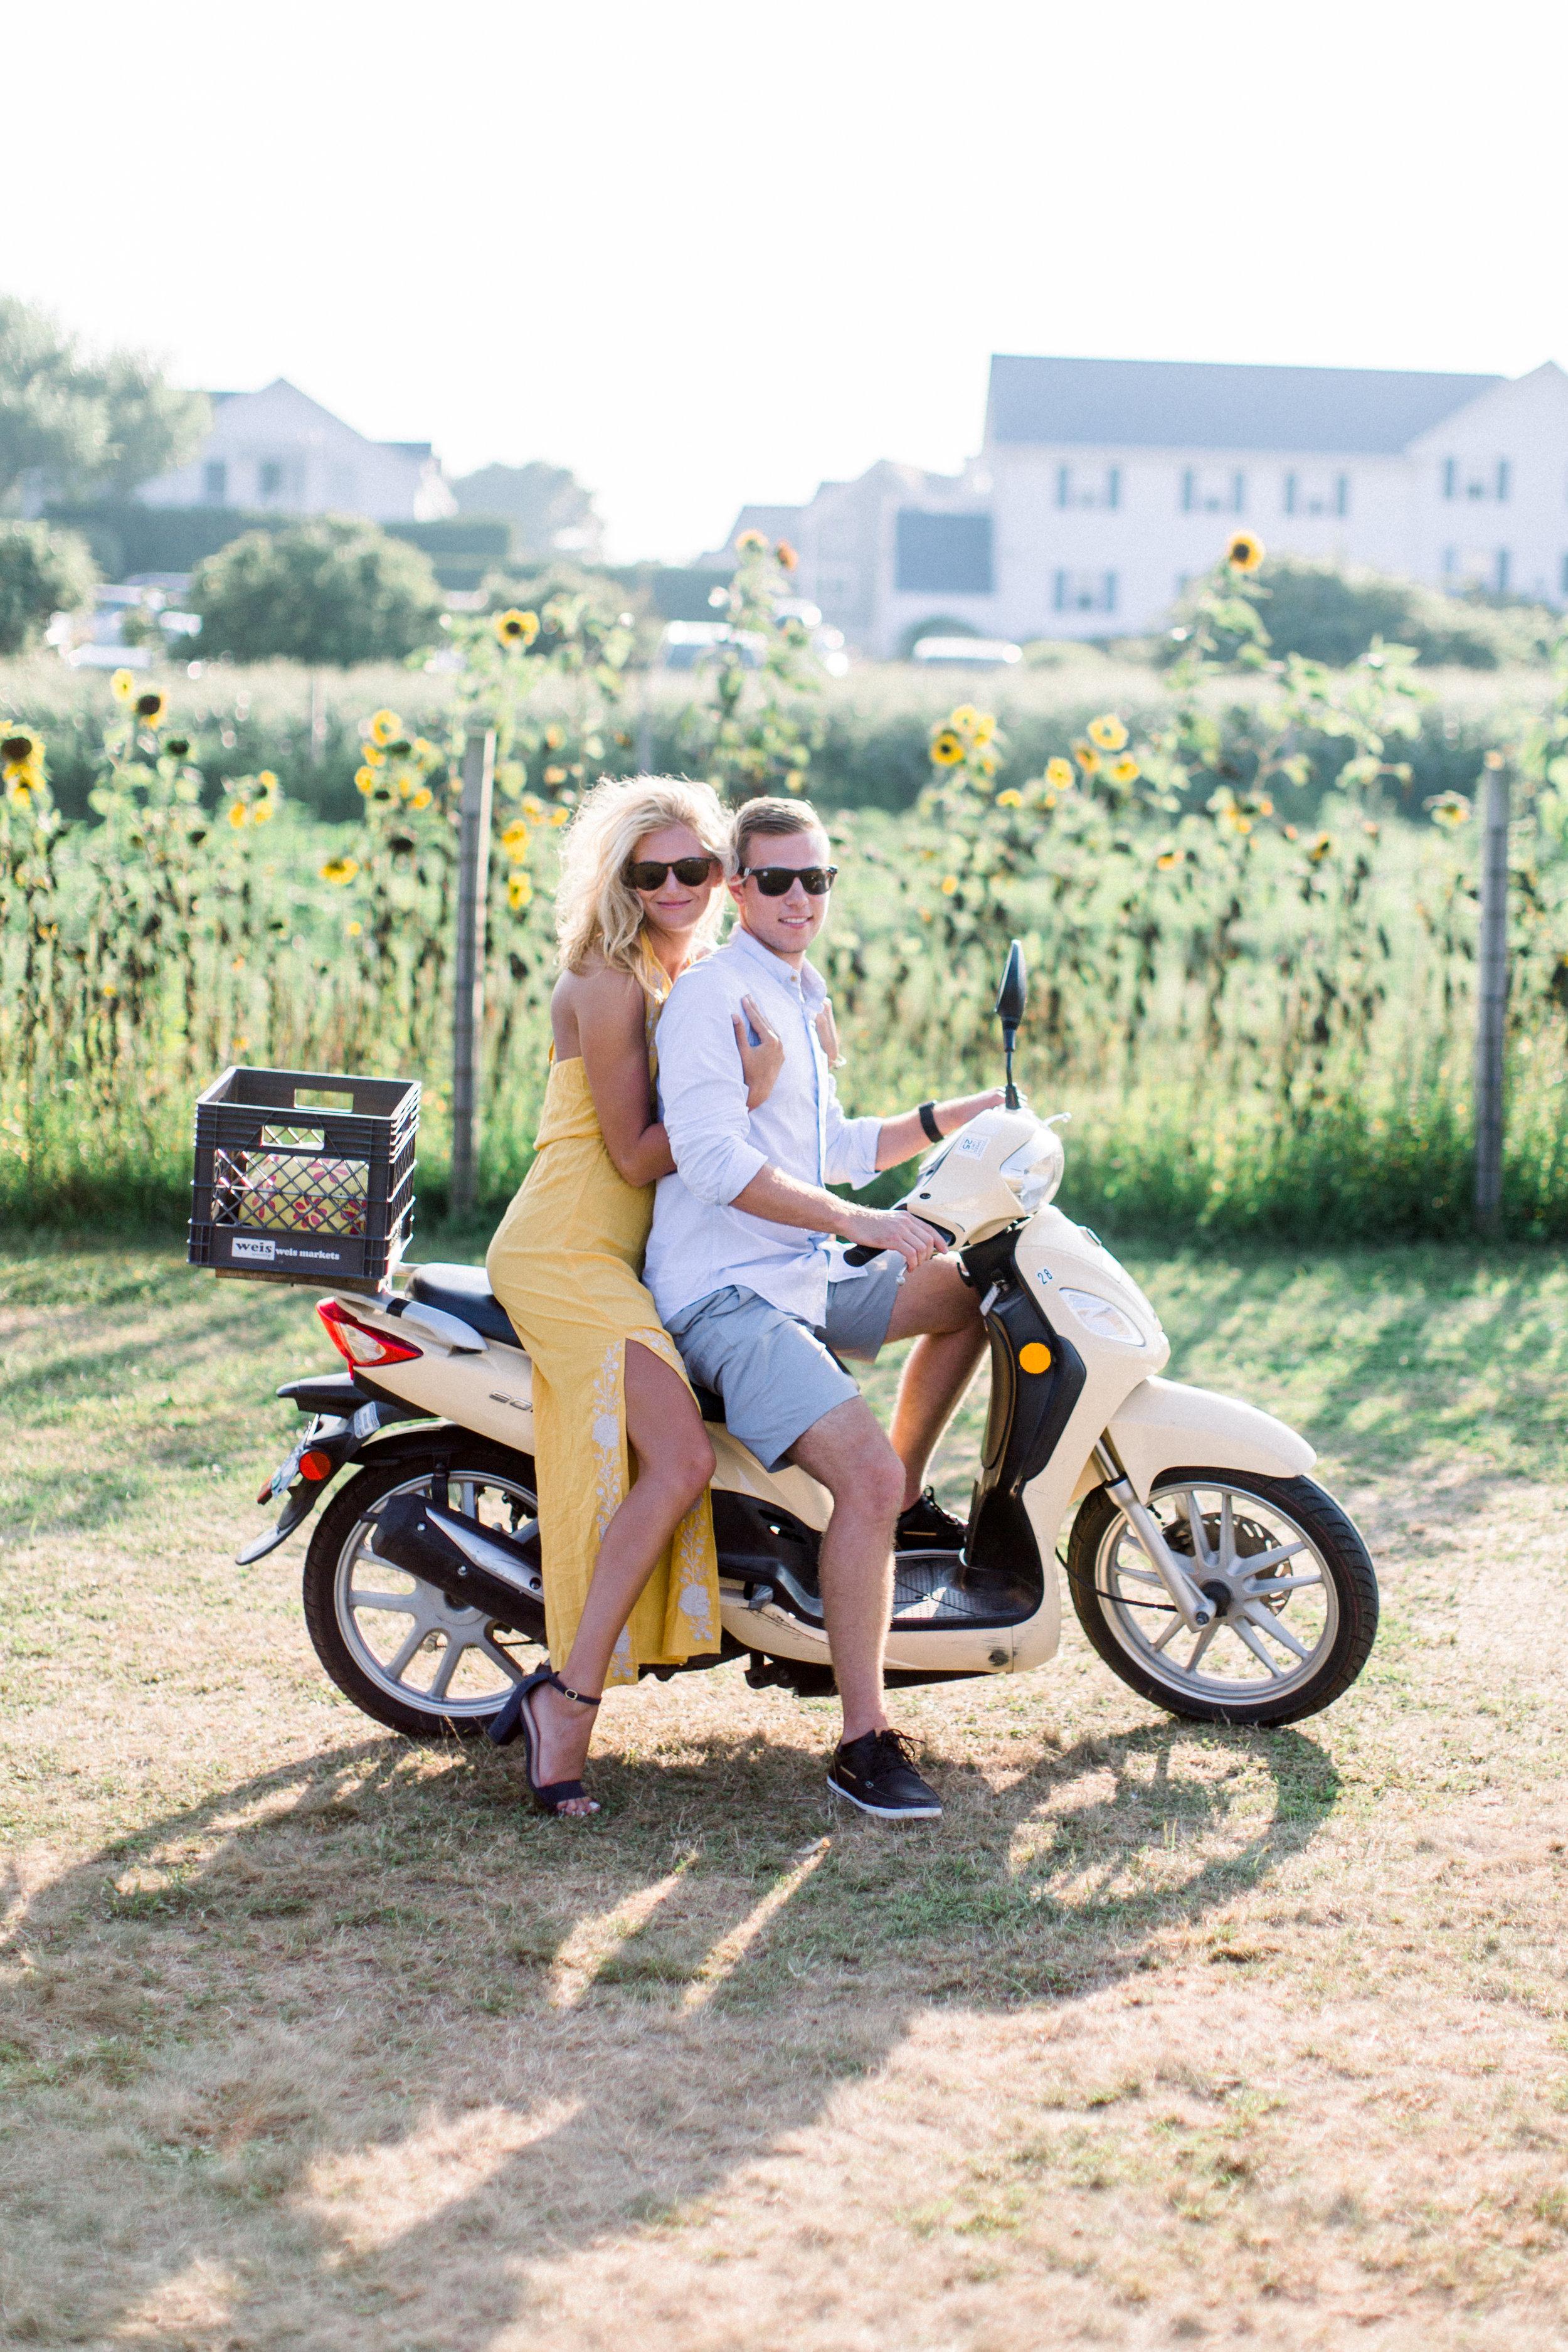 HM_Moped_-16.jpg